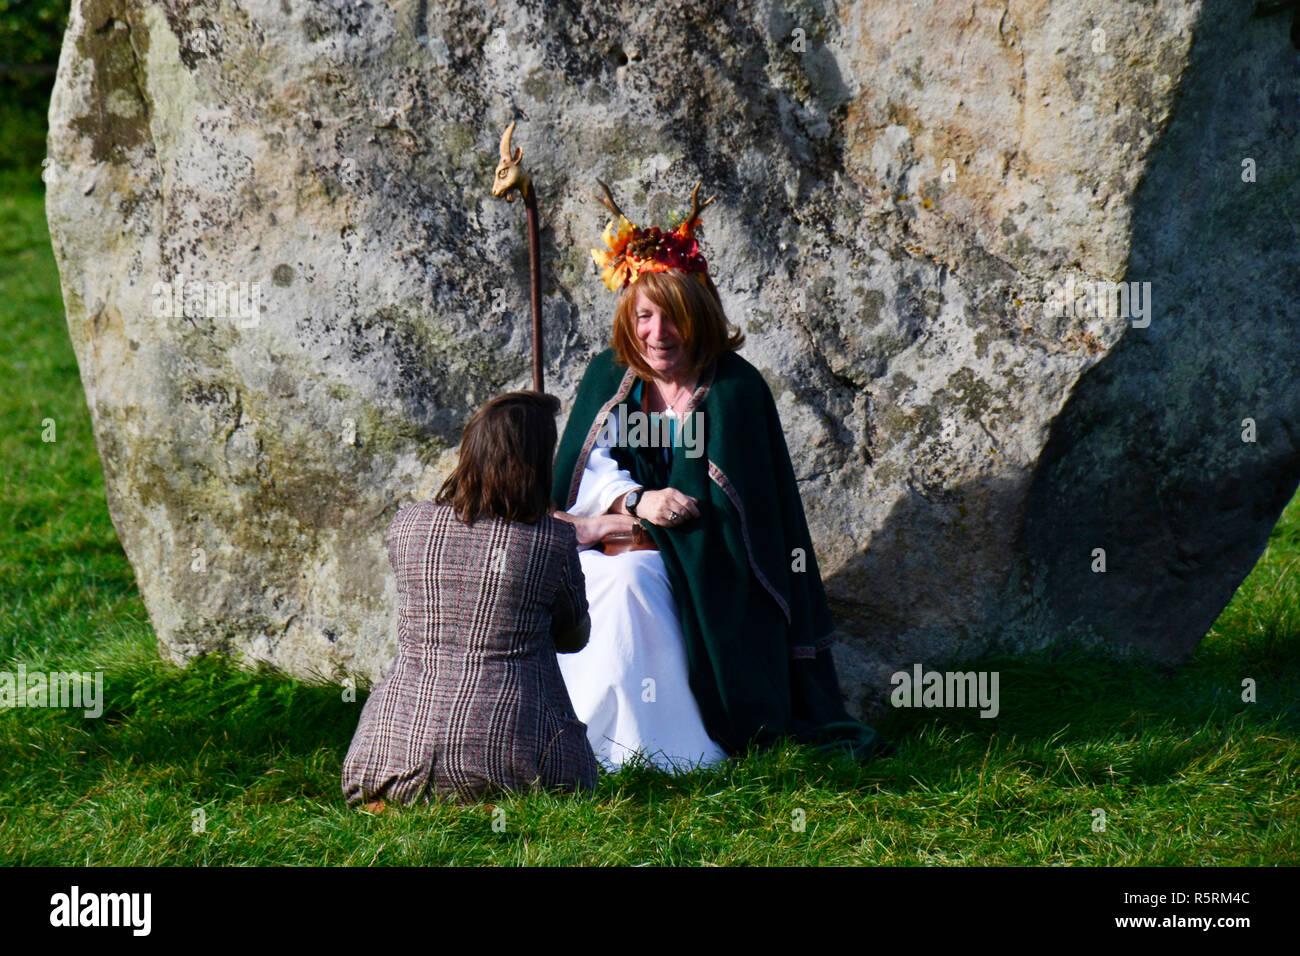 Transvestite Druid doing a blessing at Avebury Henge - Stock Image